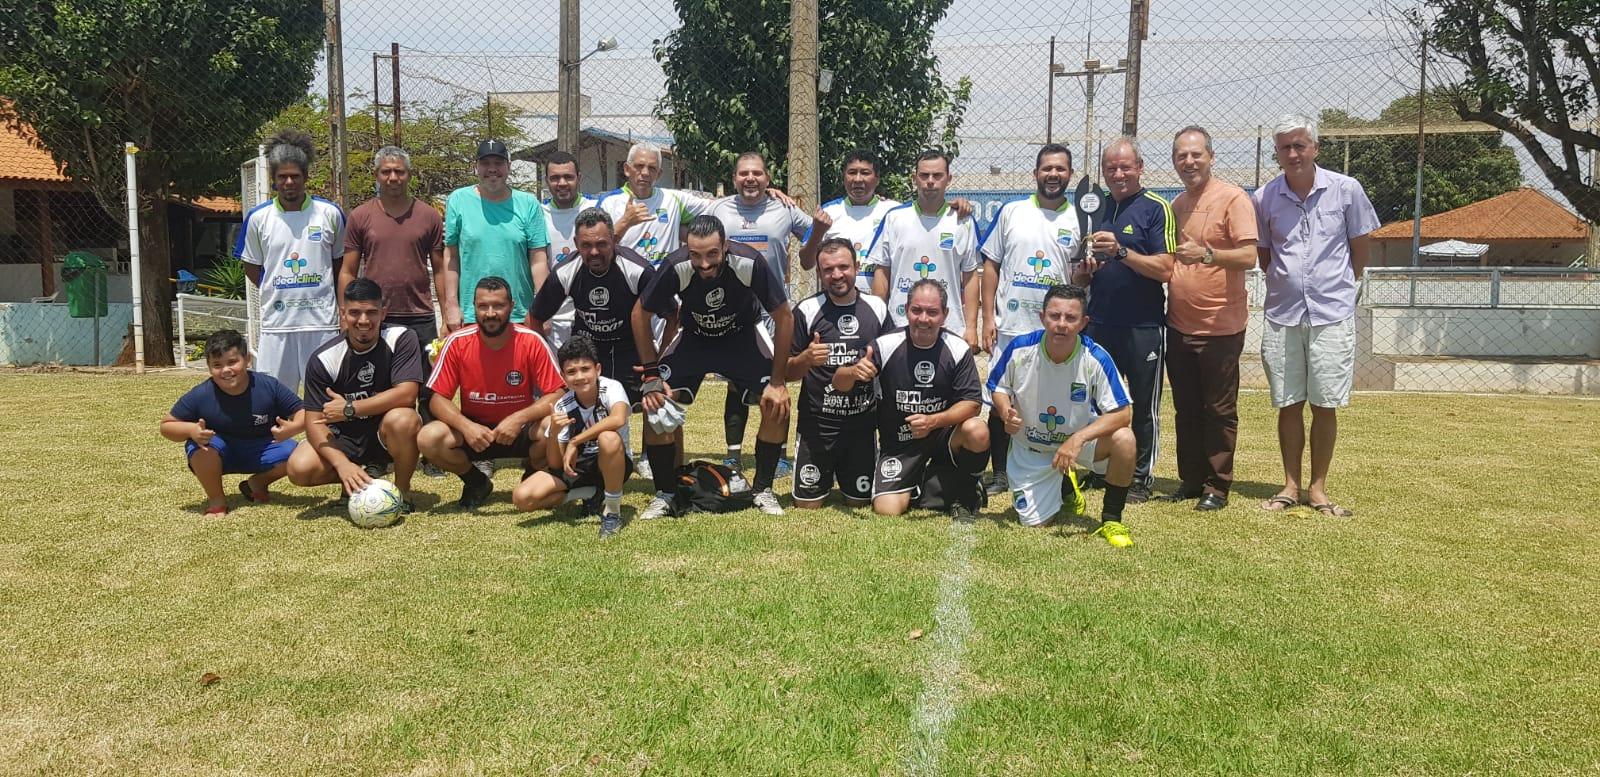 Torneio início do 15⁰ Campeonato dos Comerciários – Homenagem Edson Lima (Tubarão)